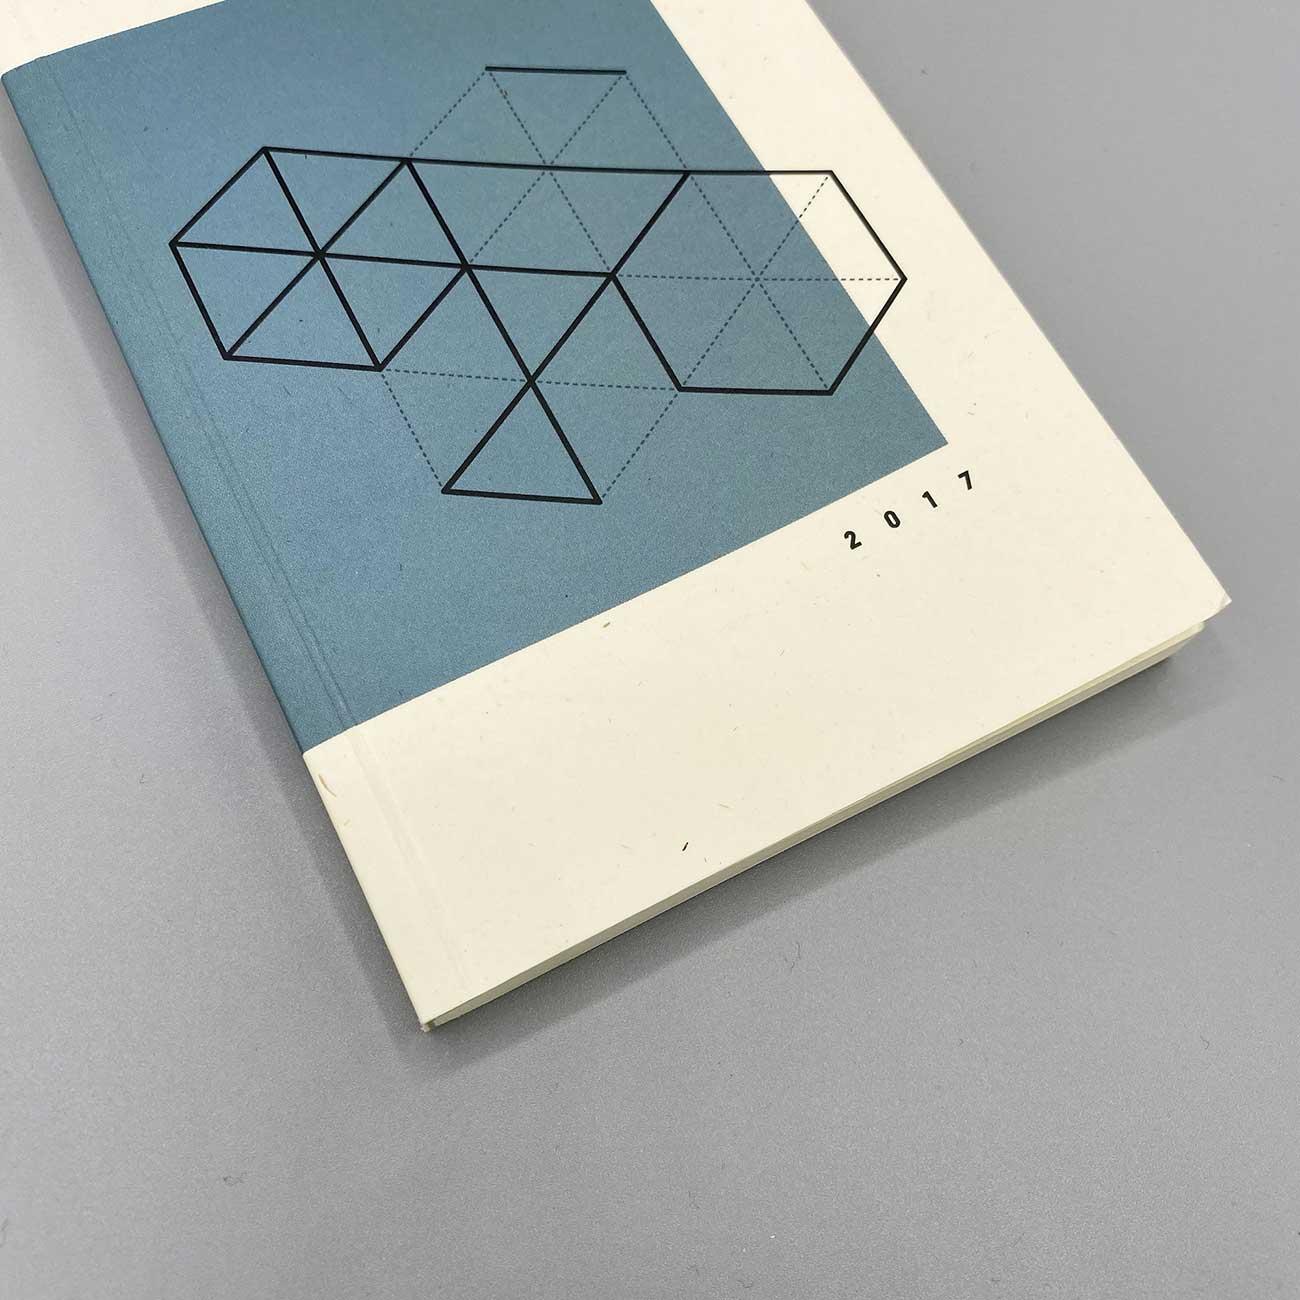 Agenda 2017 - Prodotti, Progetto Undici